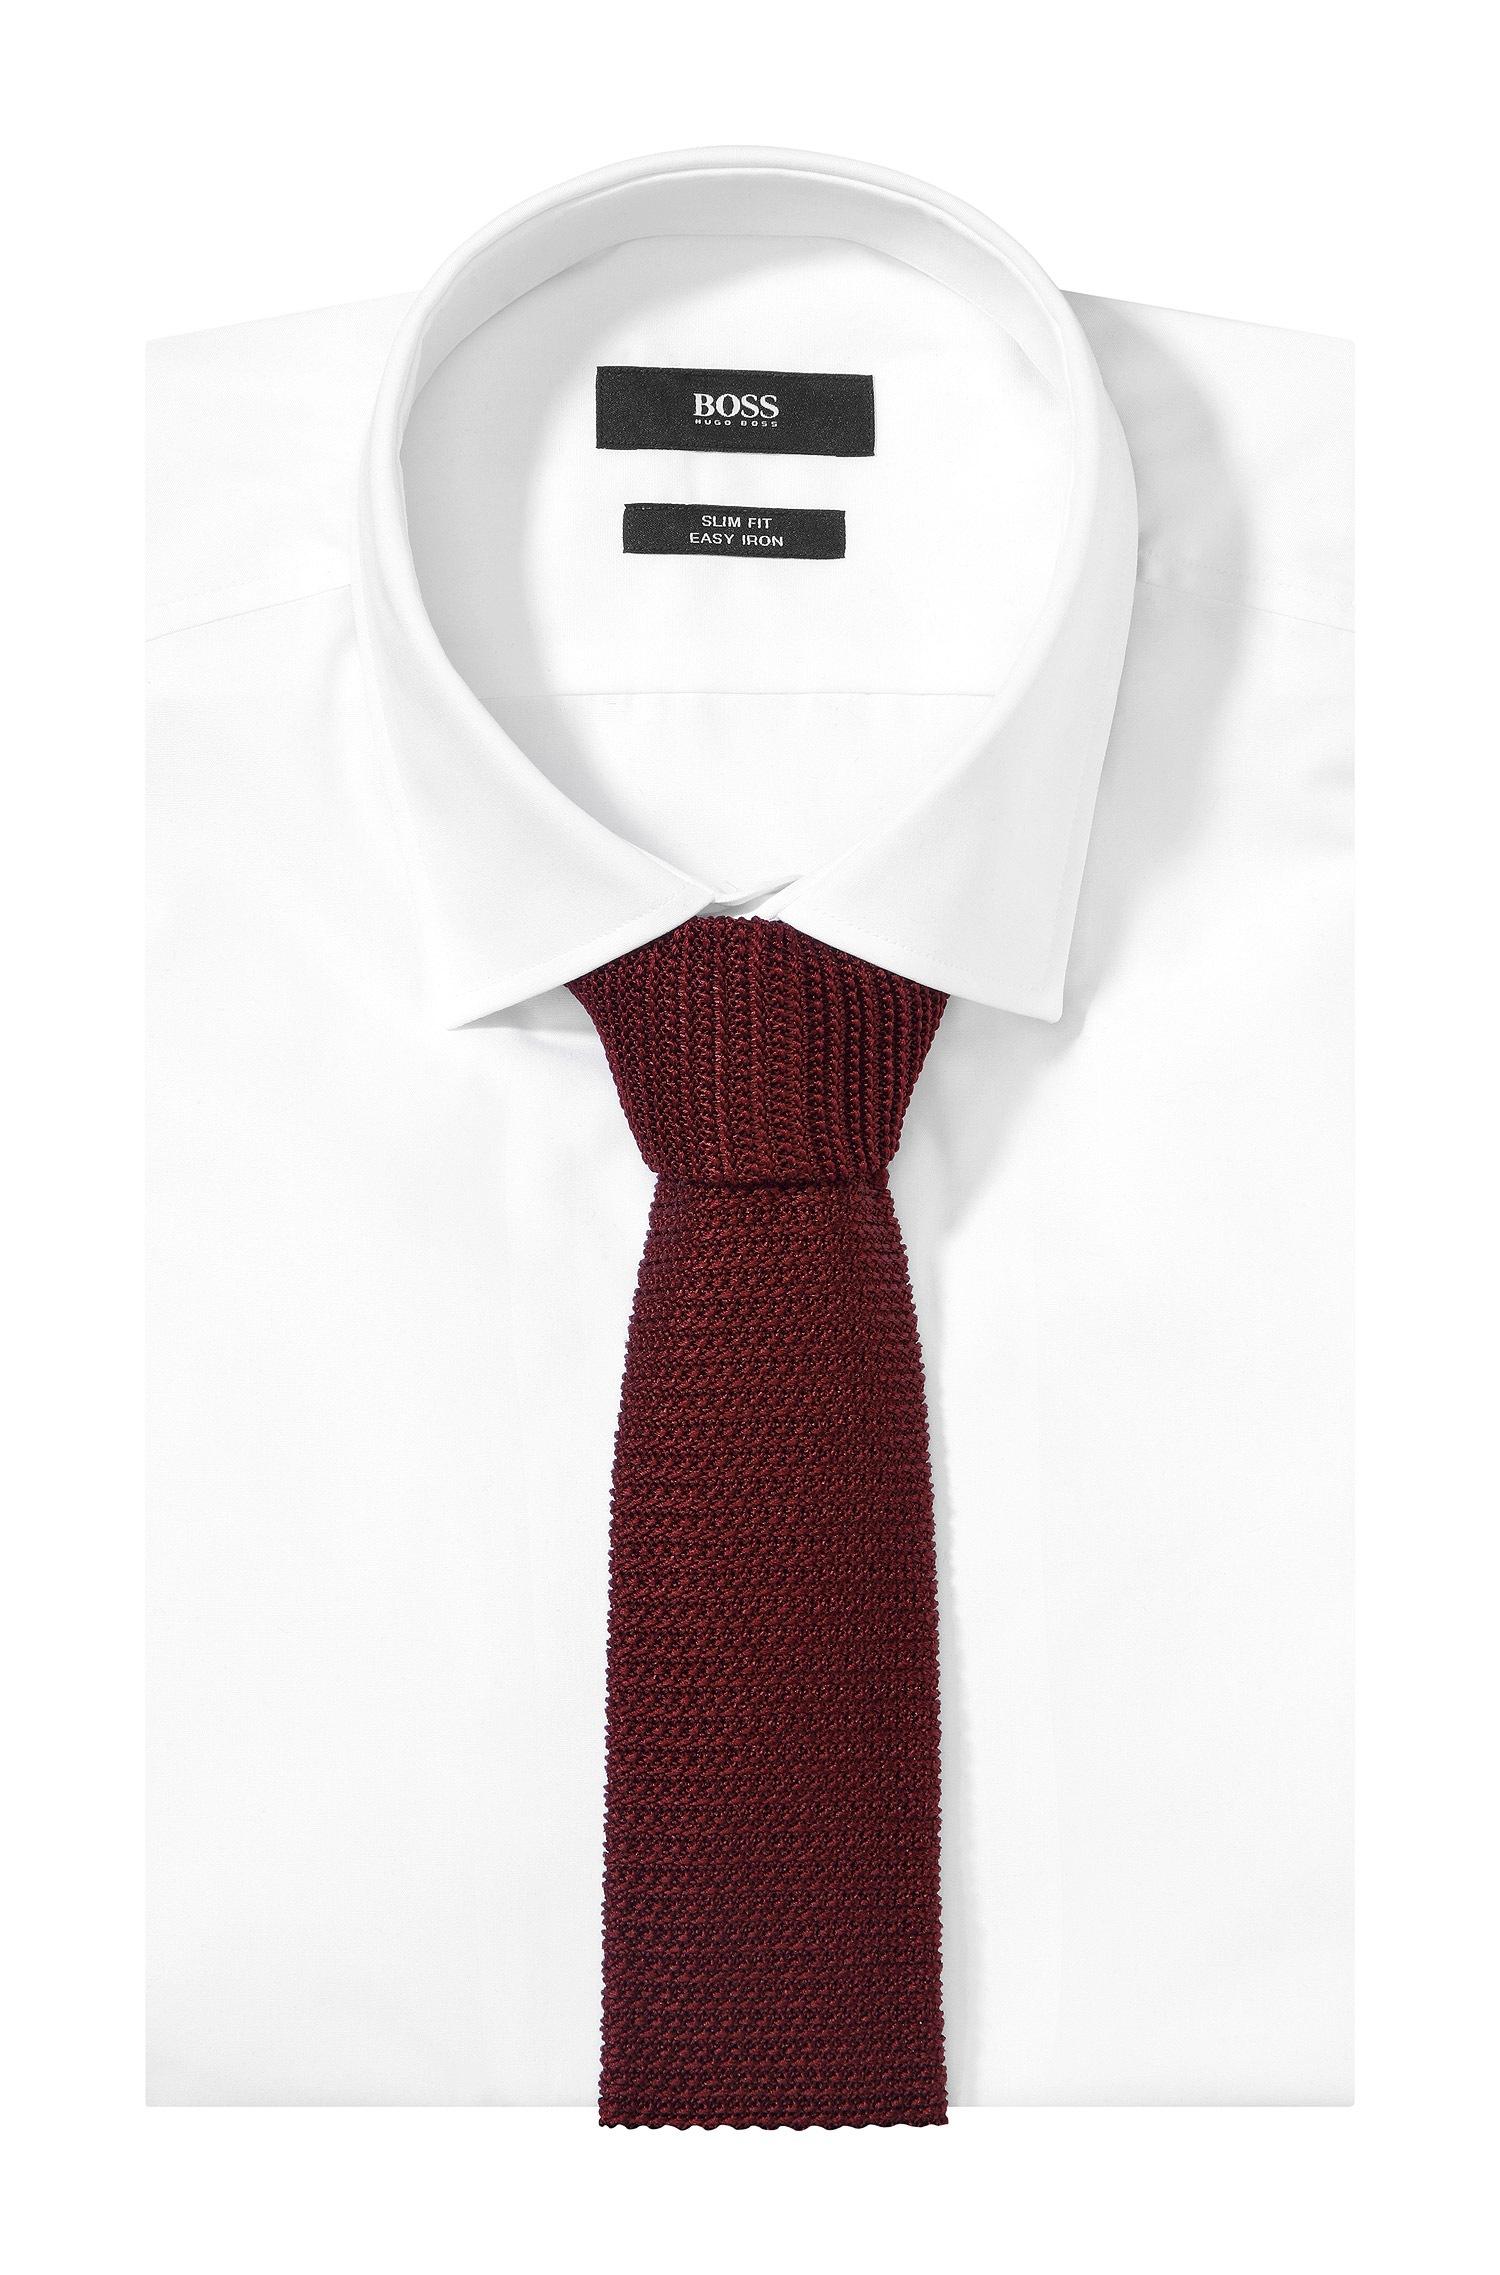 5fe835283506 BOSS Knit Tie 't-tie 6 Cm Knitted' In Silk in Red for Men - Lyst